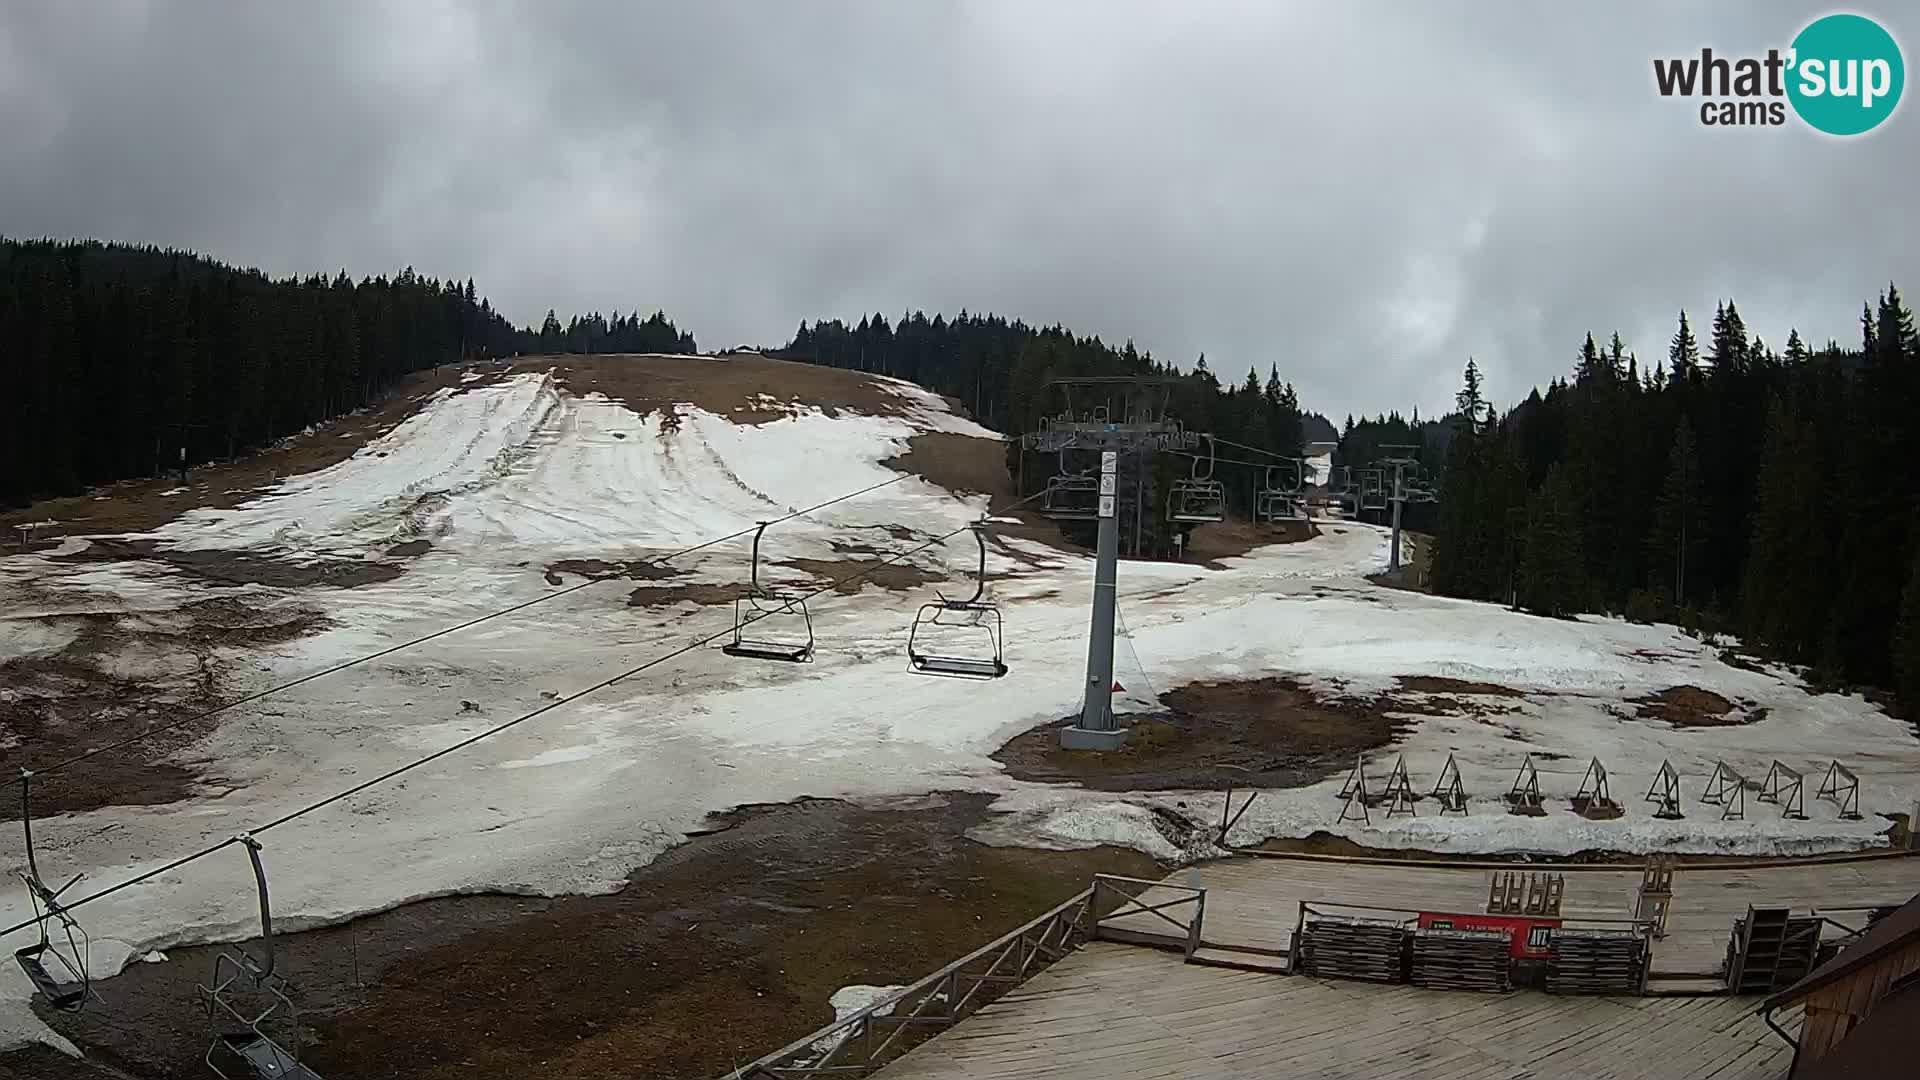 Rogla ski resort – MšinŽaga – Funpark